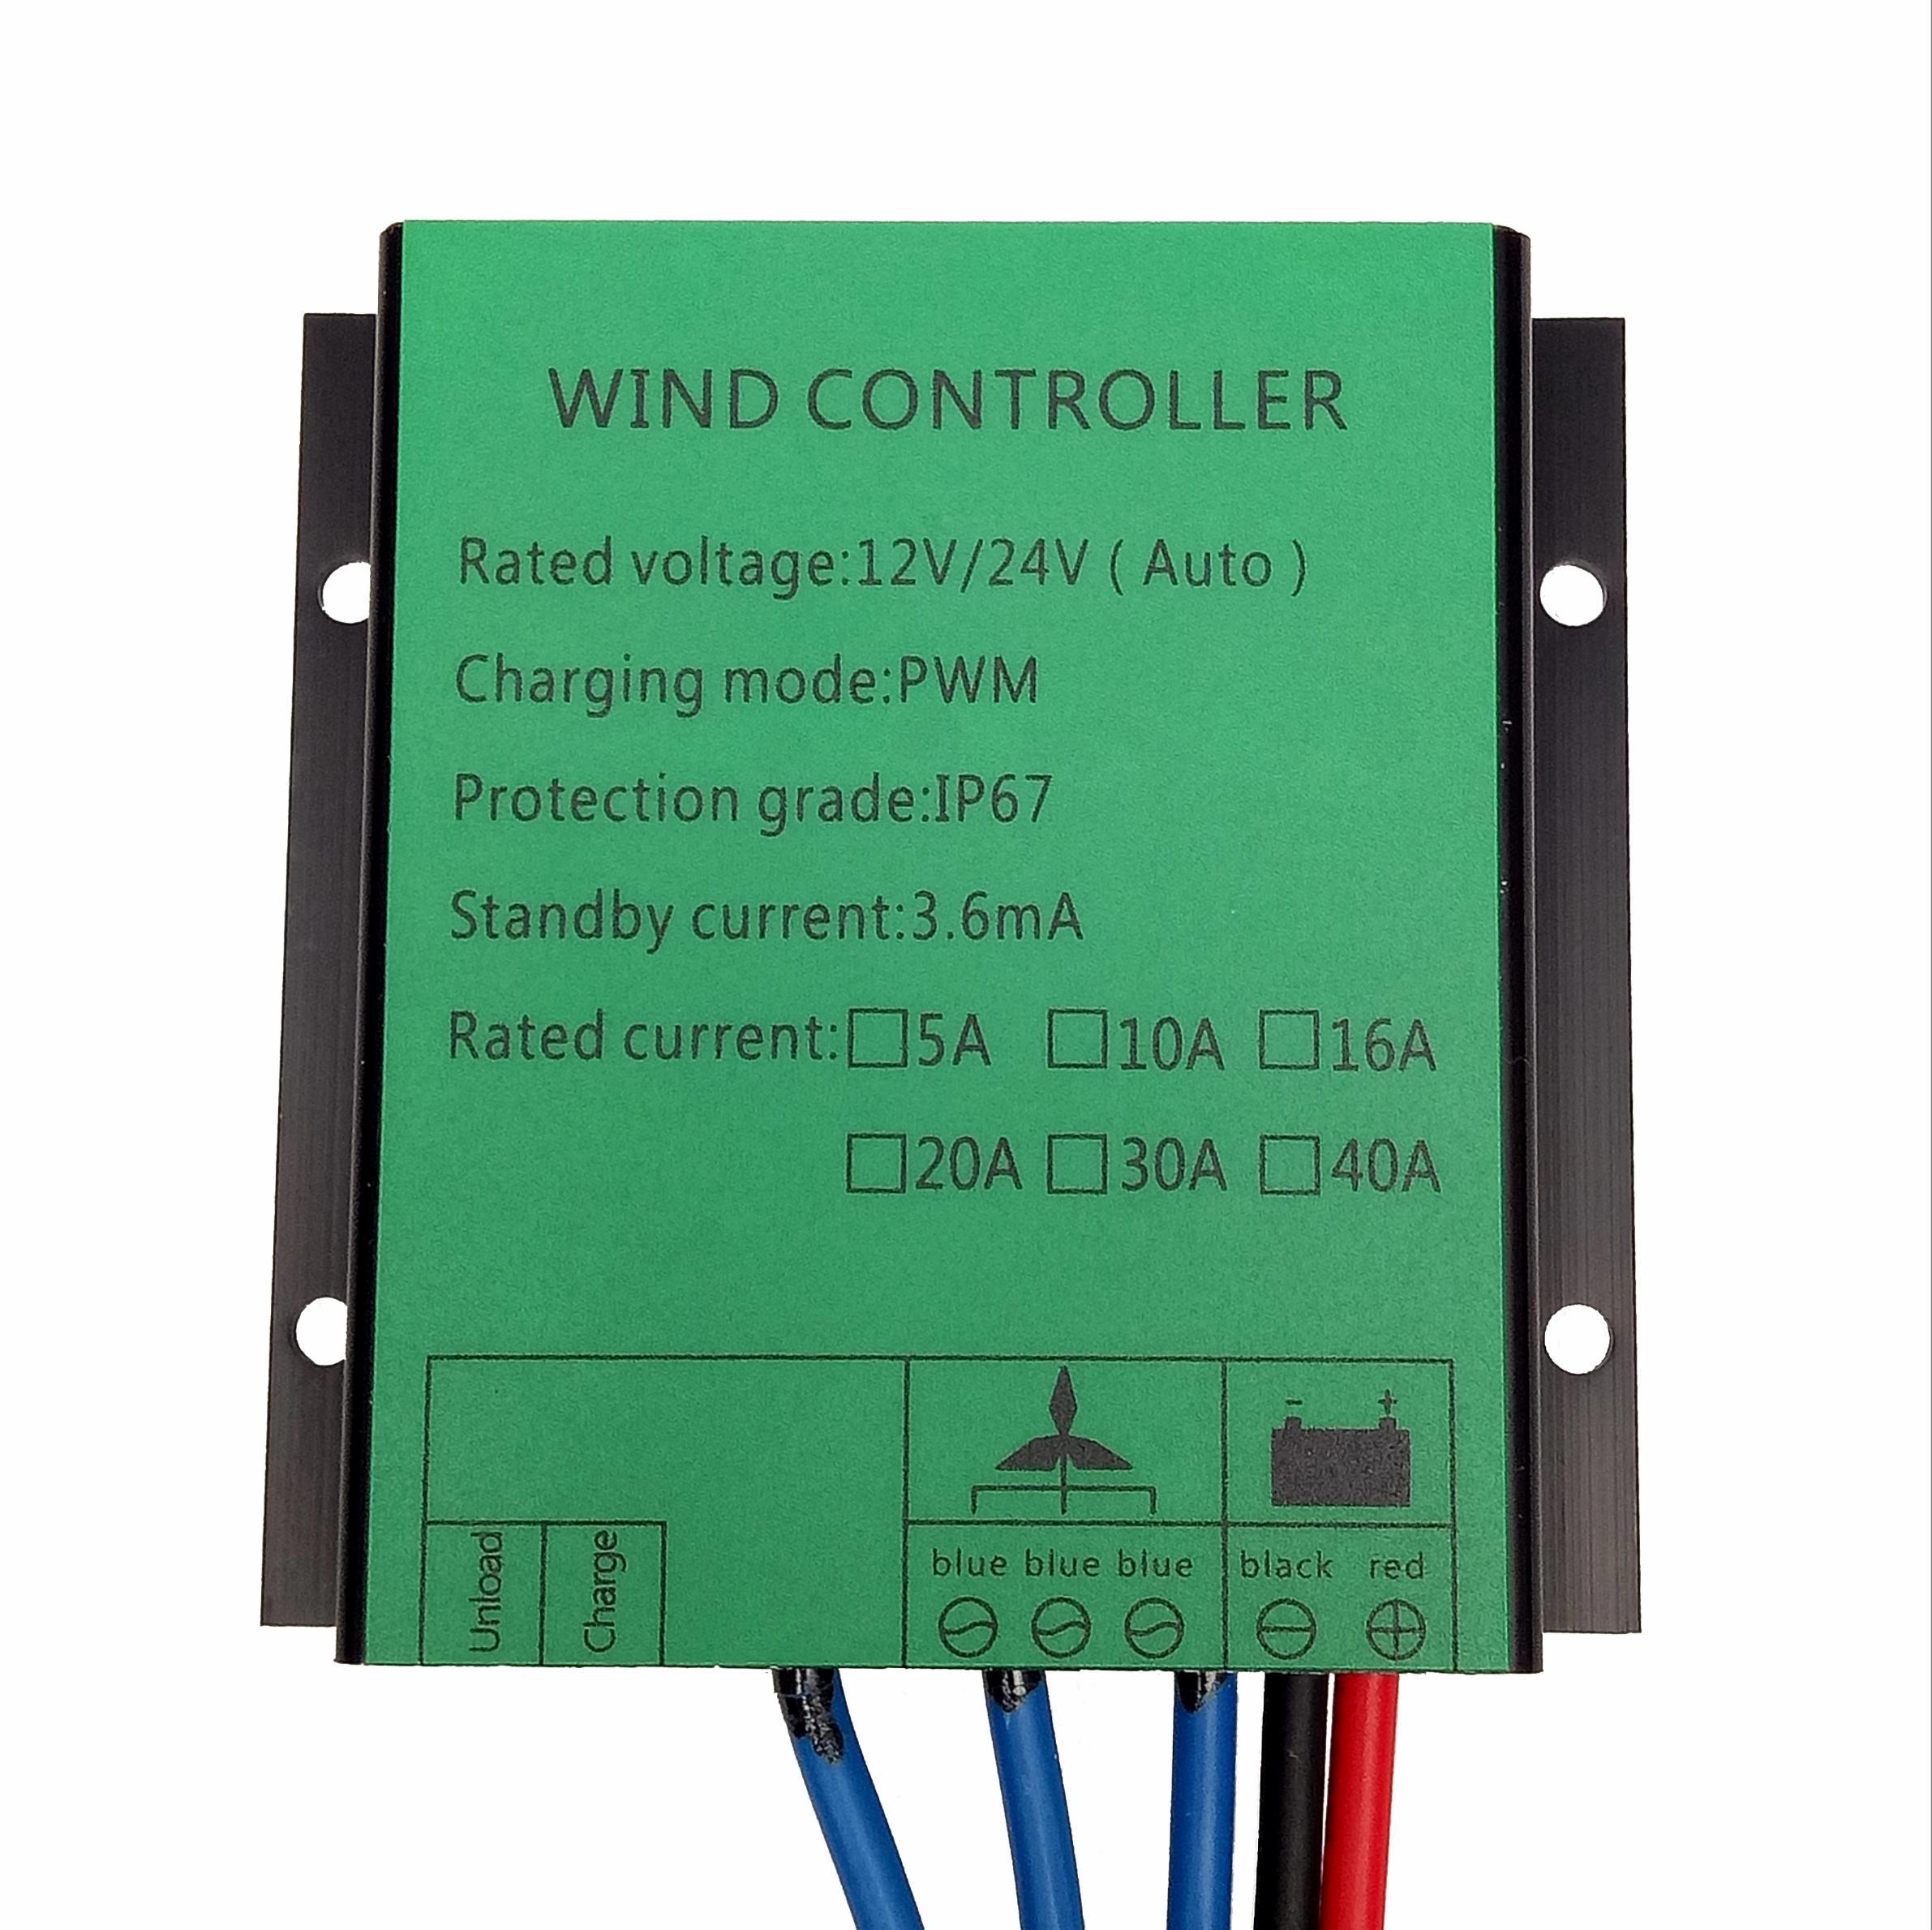 100 واط ~ 720 واط 10A/16A/20A/30A 12 فولت/24 فولت/48 فولت PWM الرياح جهاز التحكم في الشحن ل مولد تربيني الرياح ، 12 فولت/24 فولت التكيف الذاتي ، المياه برهان